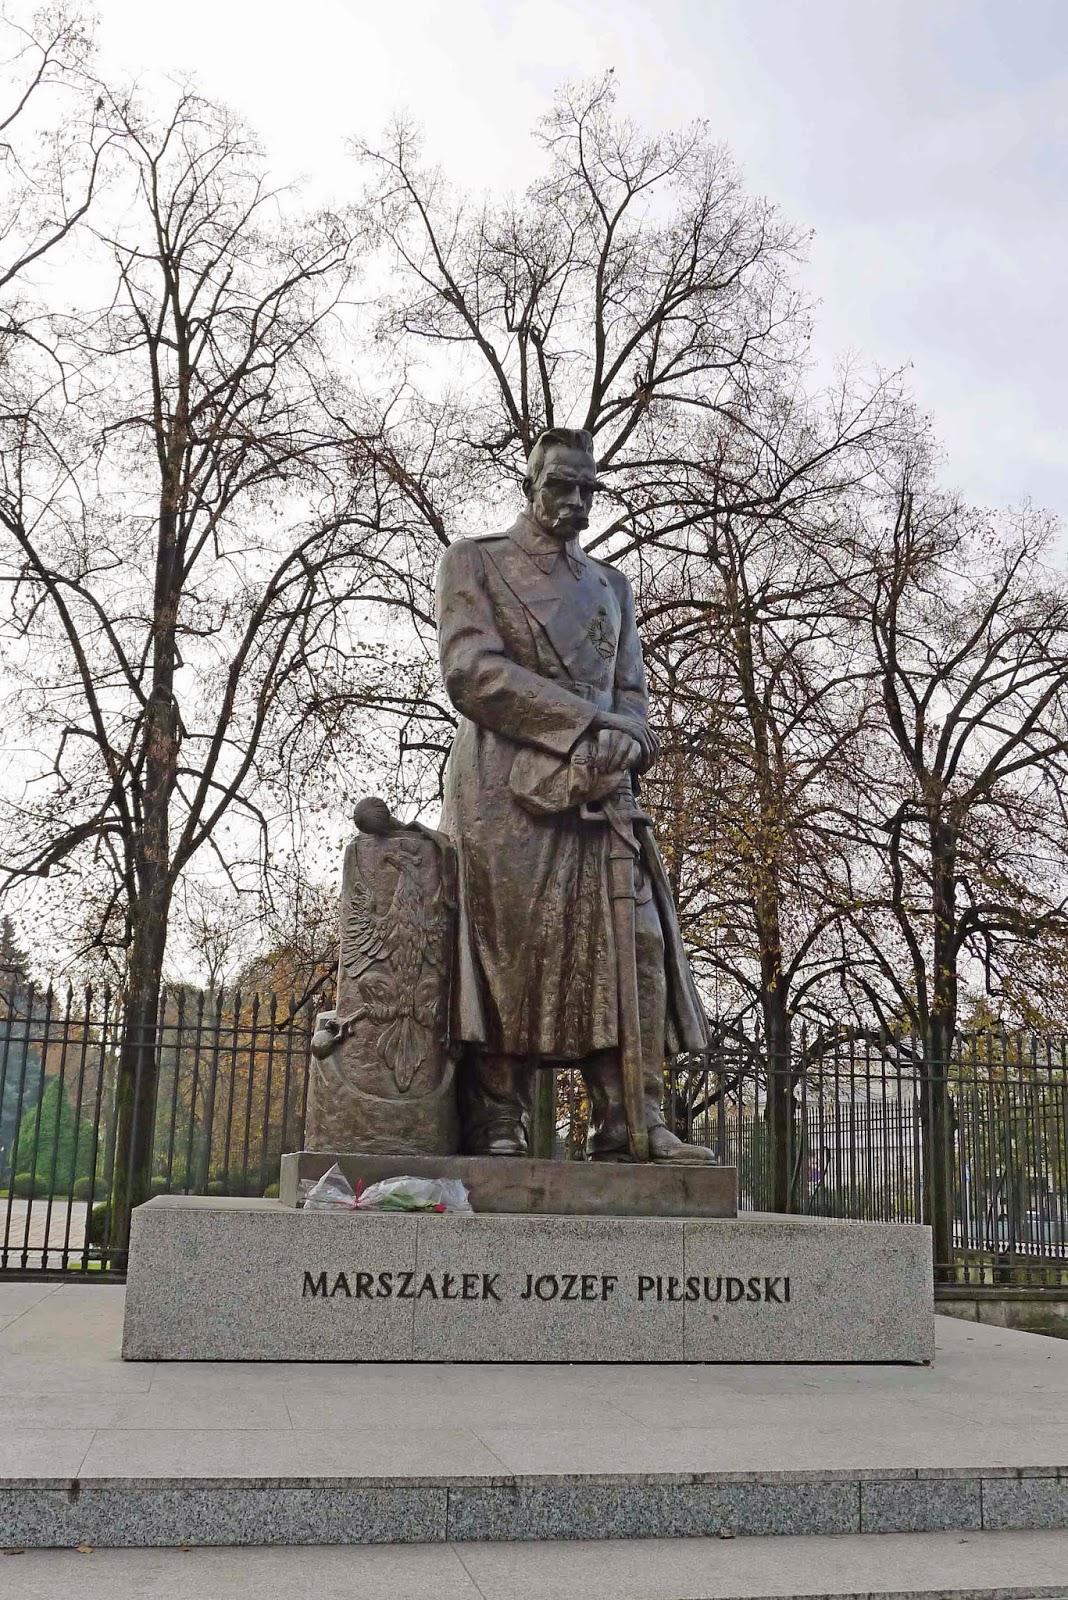 Jozef Pilsudsksi